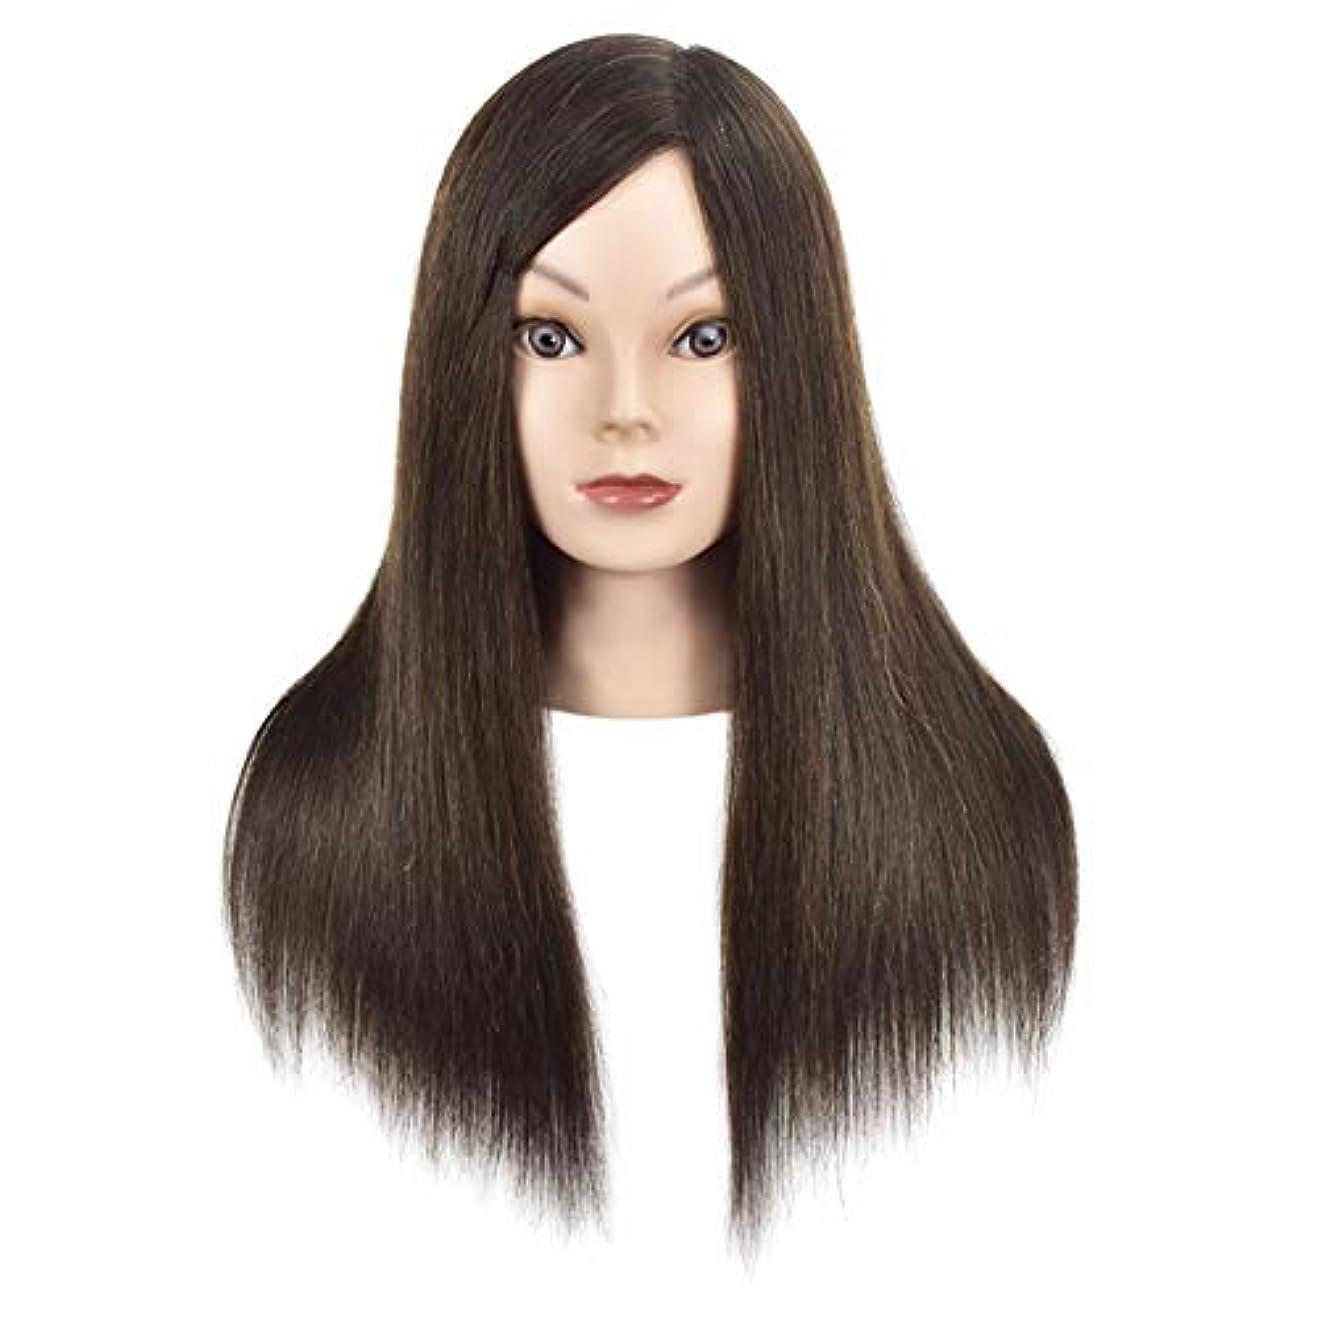 メイド不要留め金理髪店トリミングヘアエクササイズヘッドモールドメイクモデリング学習マネキンダミーヘッドブラック